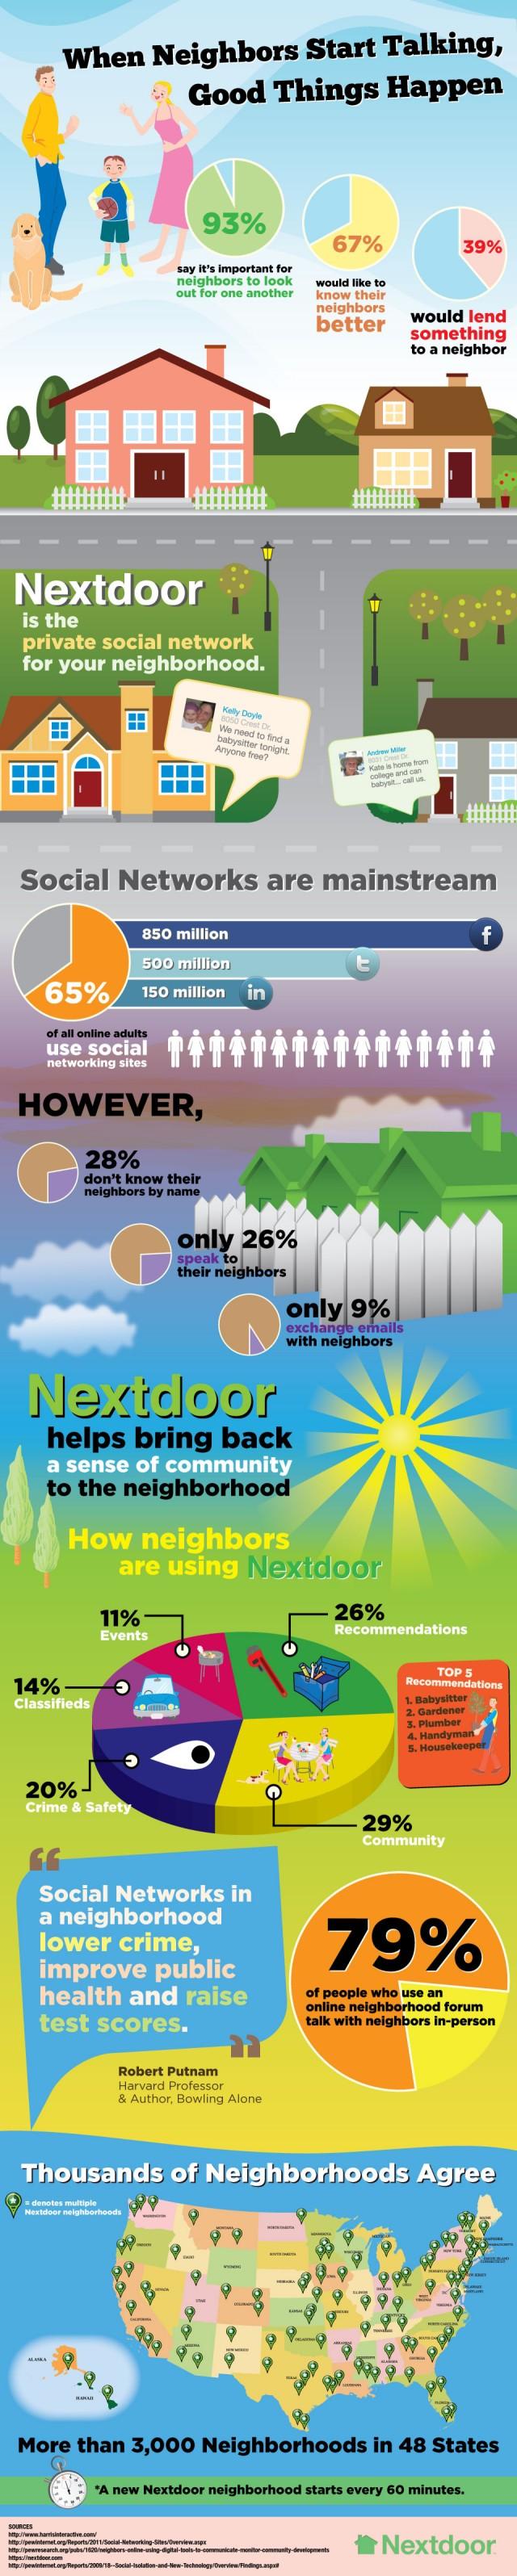 Nextdoor infographic